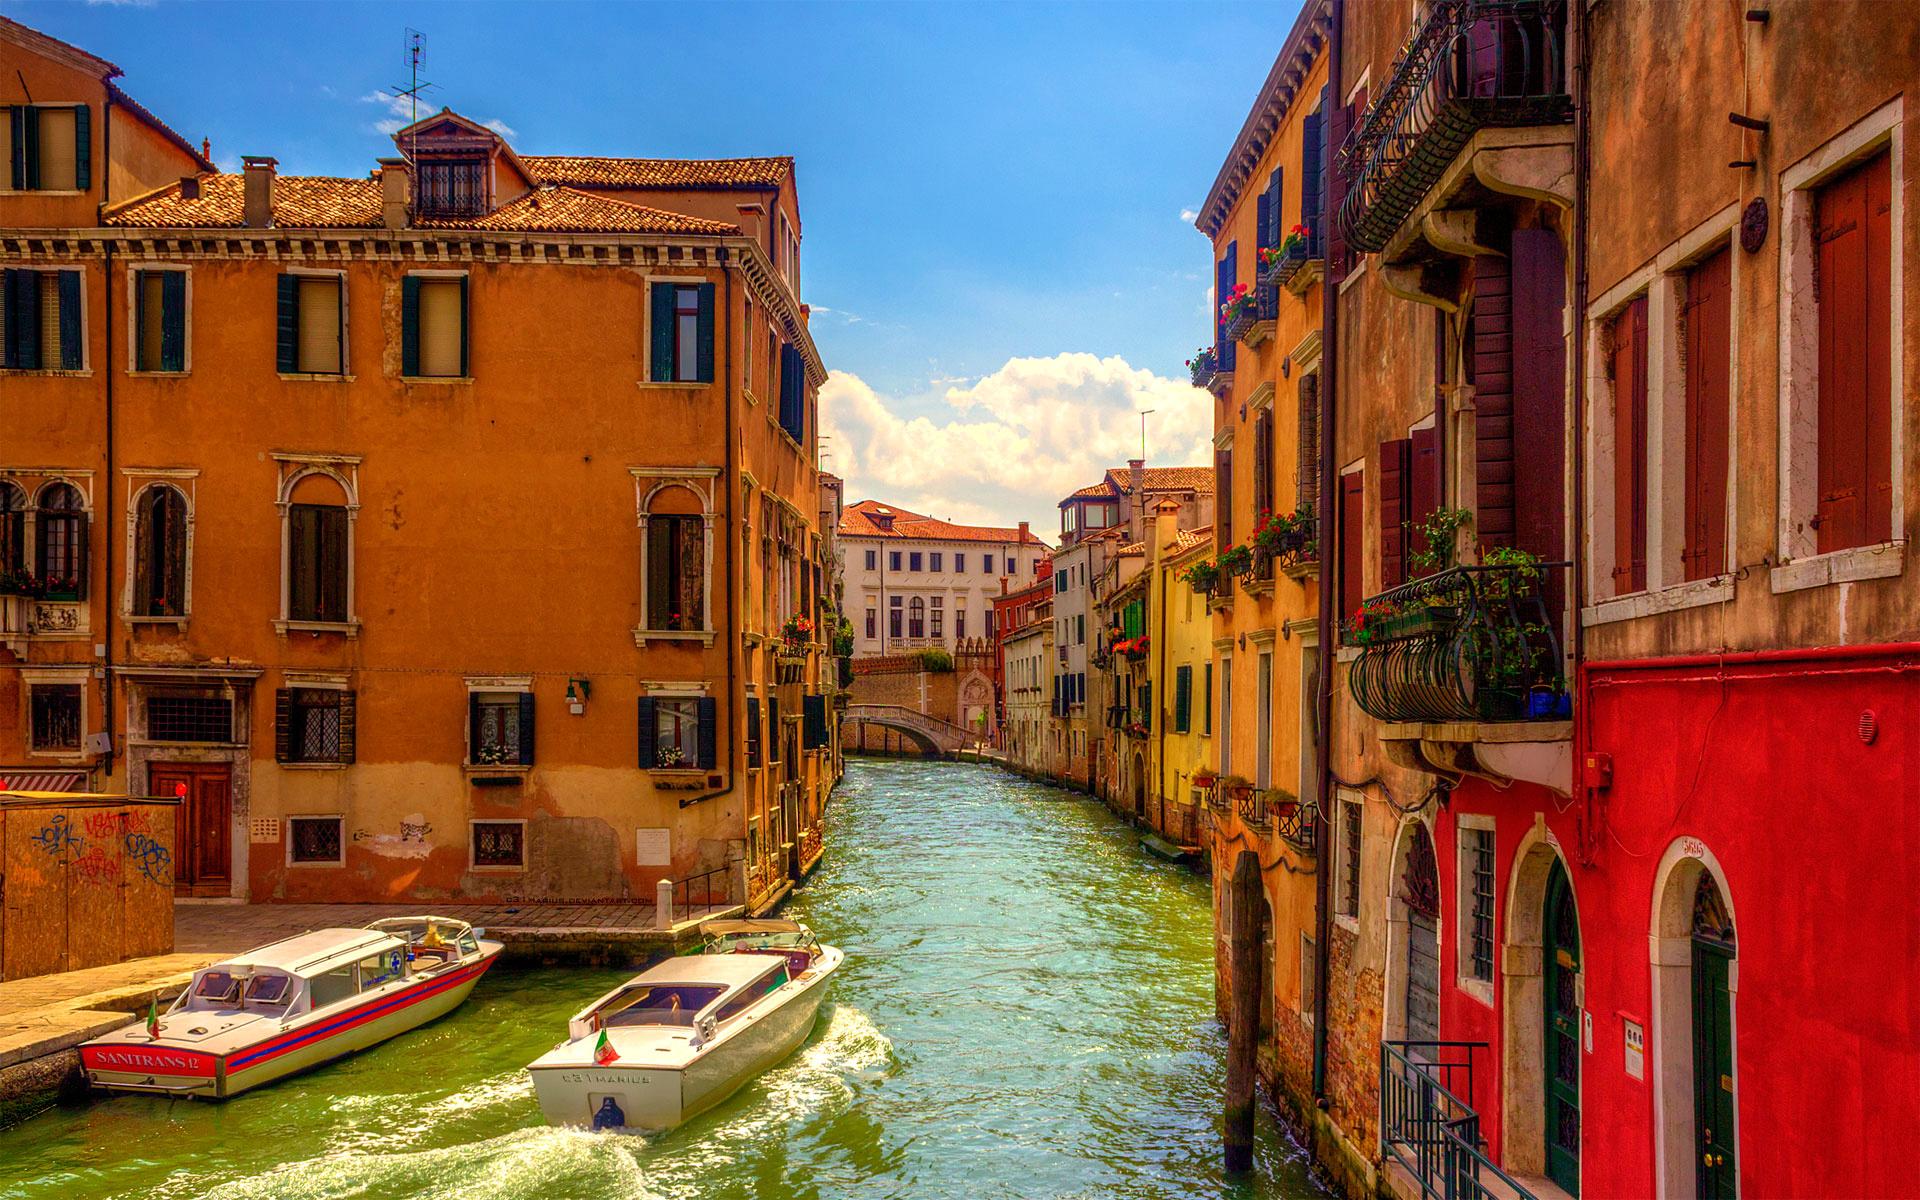 виды венеции фото высокого разрешения классно для тех